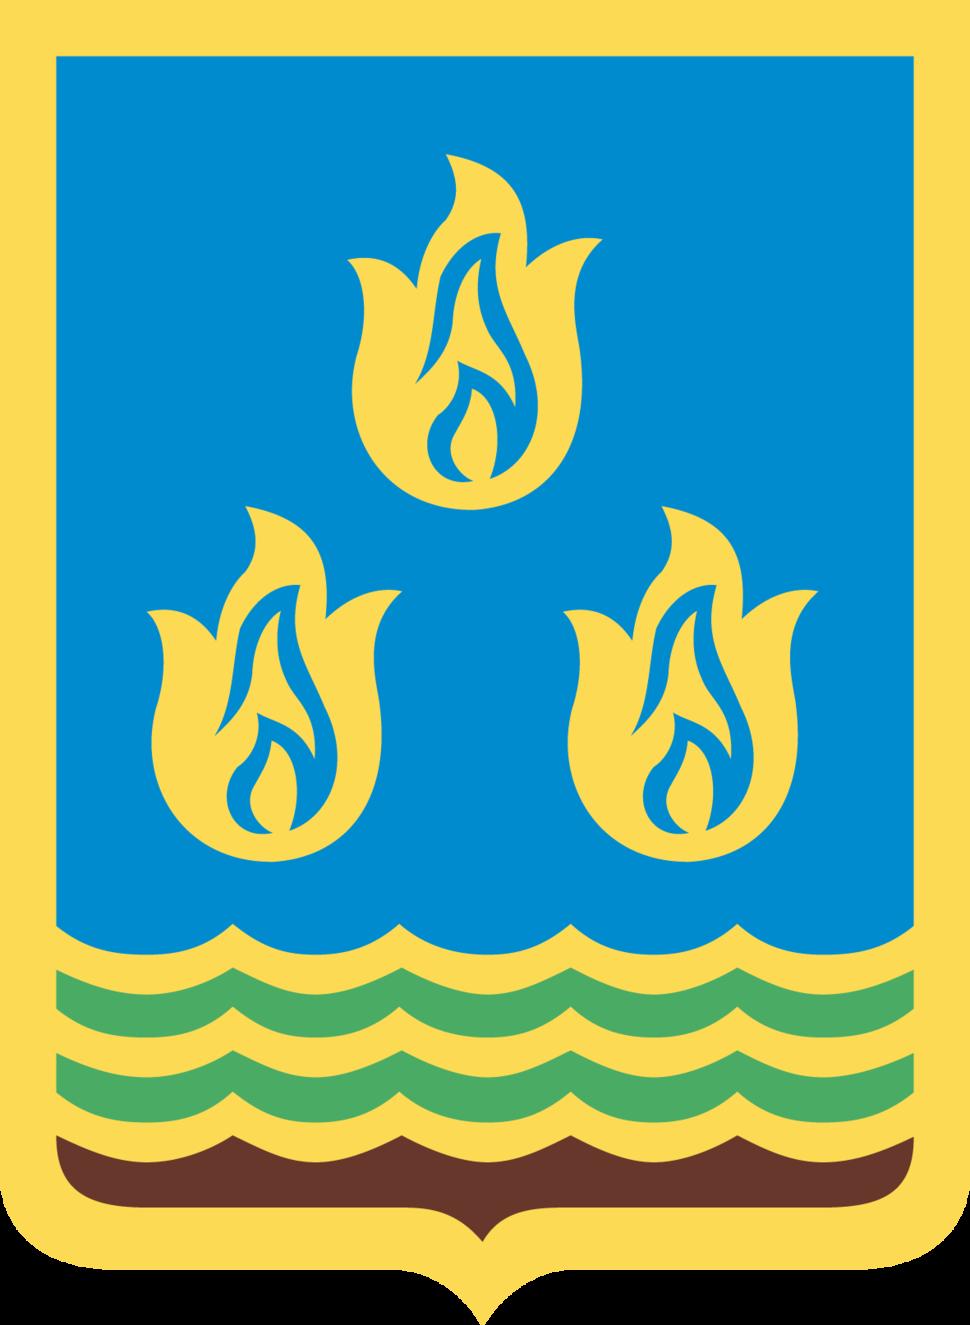 Coat of arms of Baku